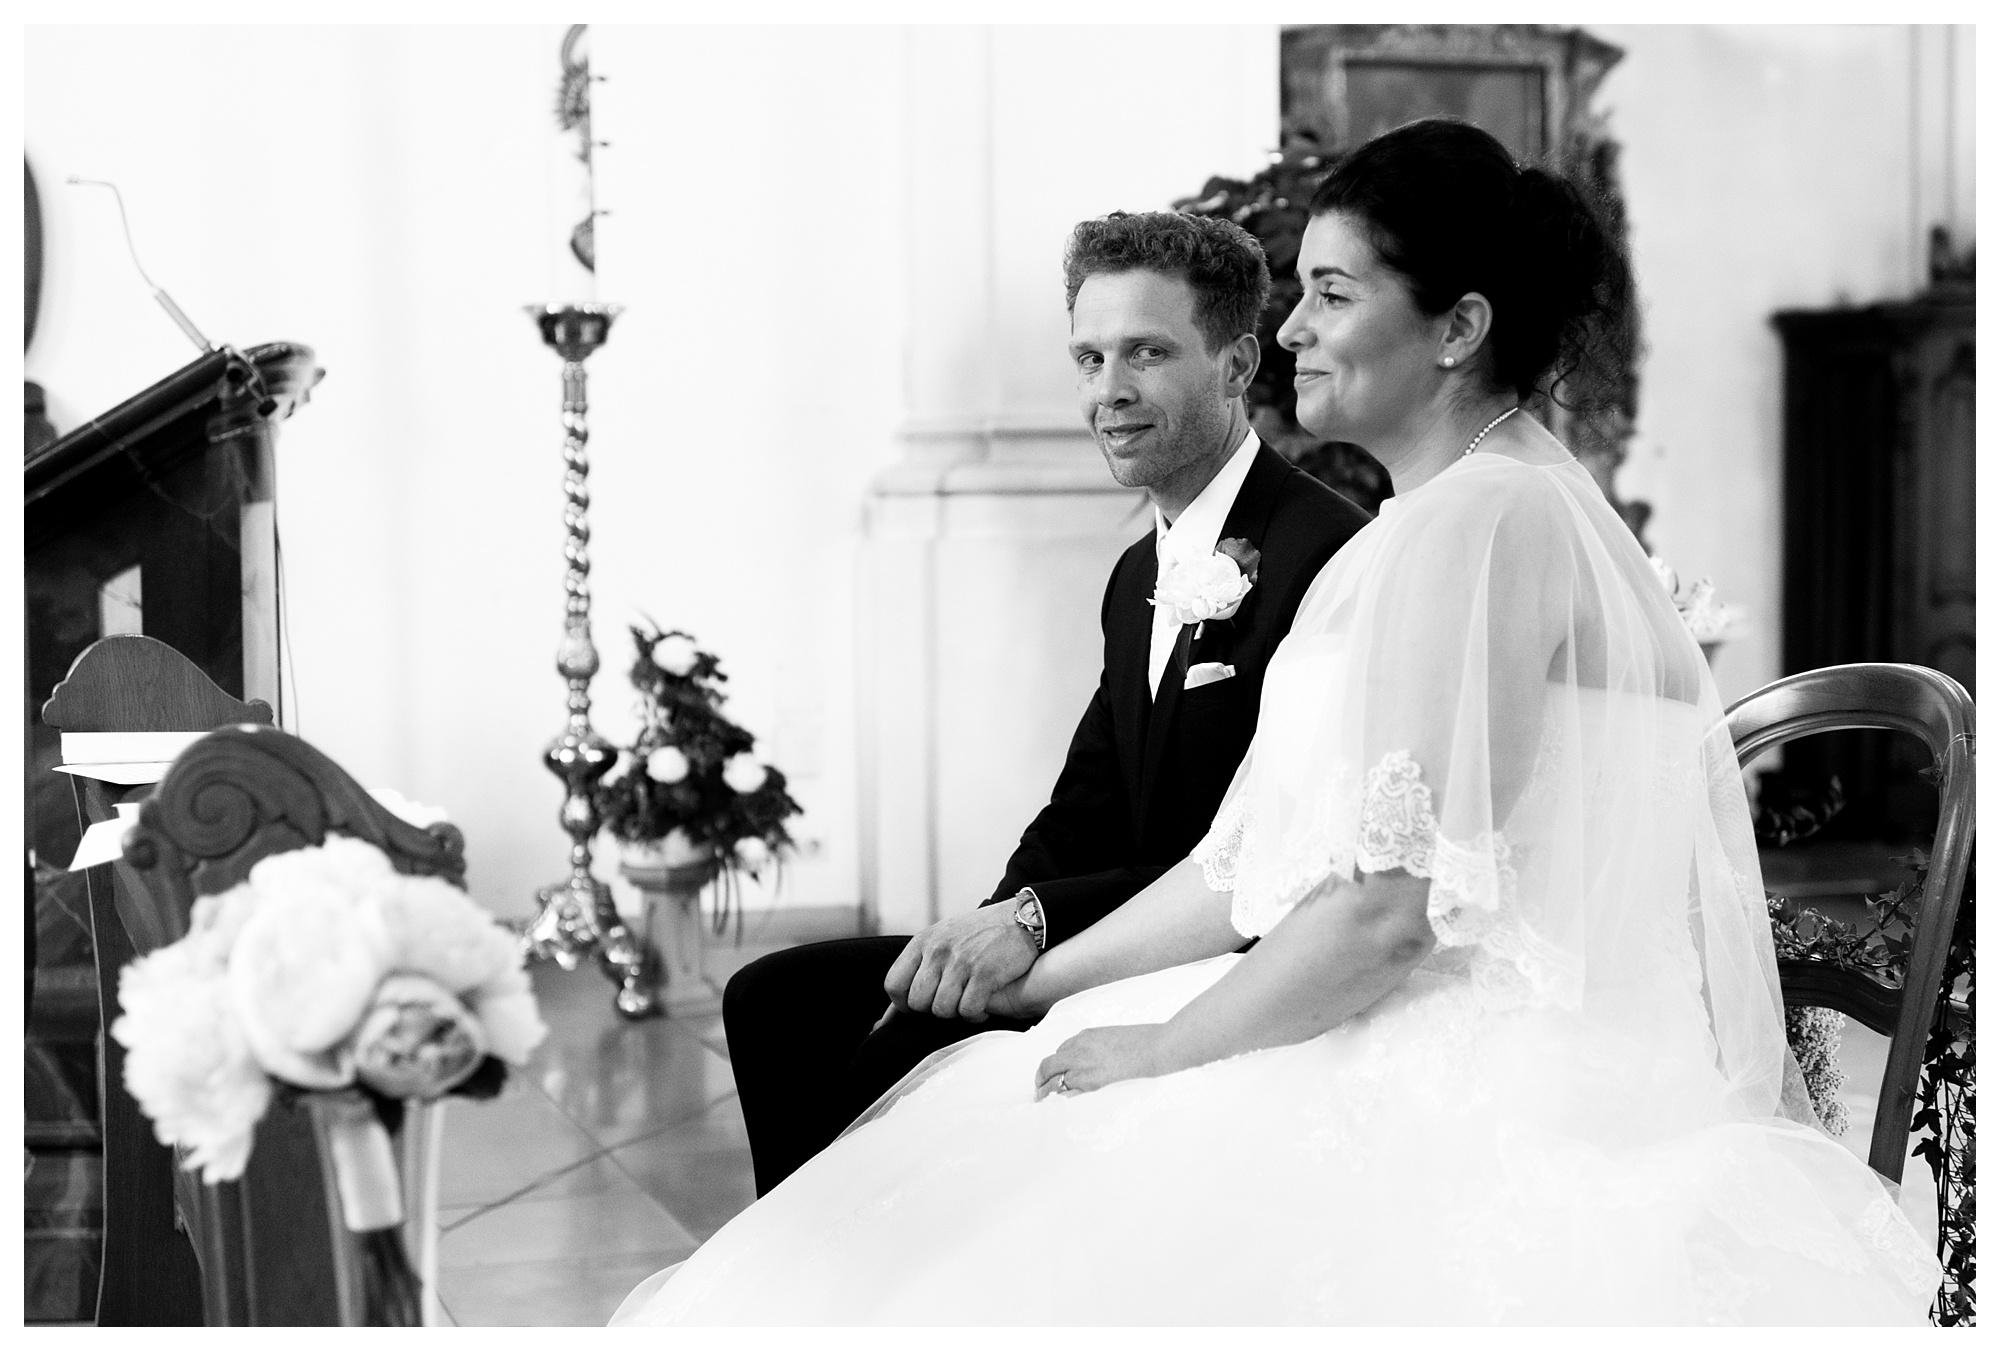 Fotograf Konstanz - Hochzeit Tanja Elmar Elmar Feuerbacher Photography Konstanz Messkirch Highlights 035 - Hochzeitsreportage von Tanja und Elmar im Schloss Meßkirch  - 139 -